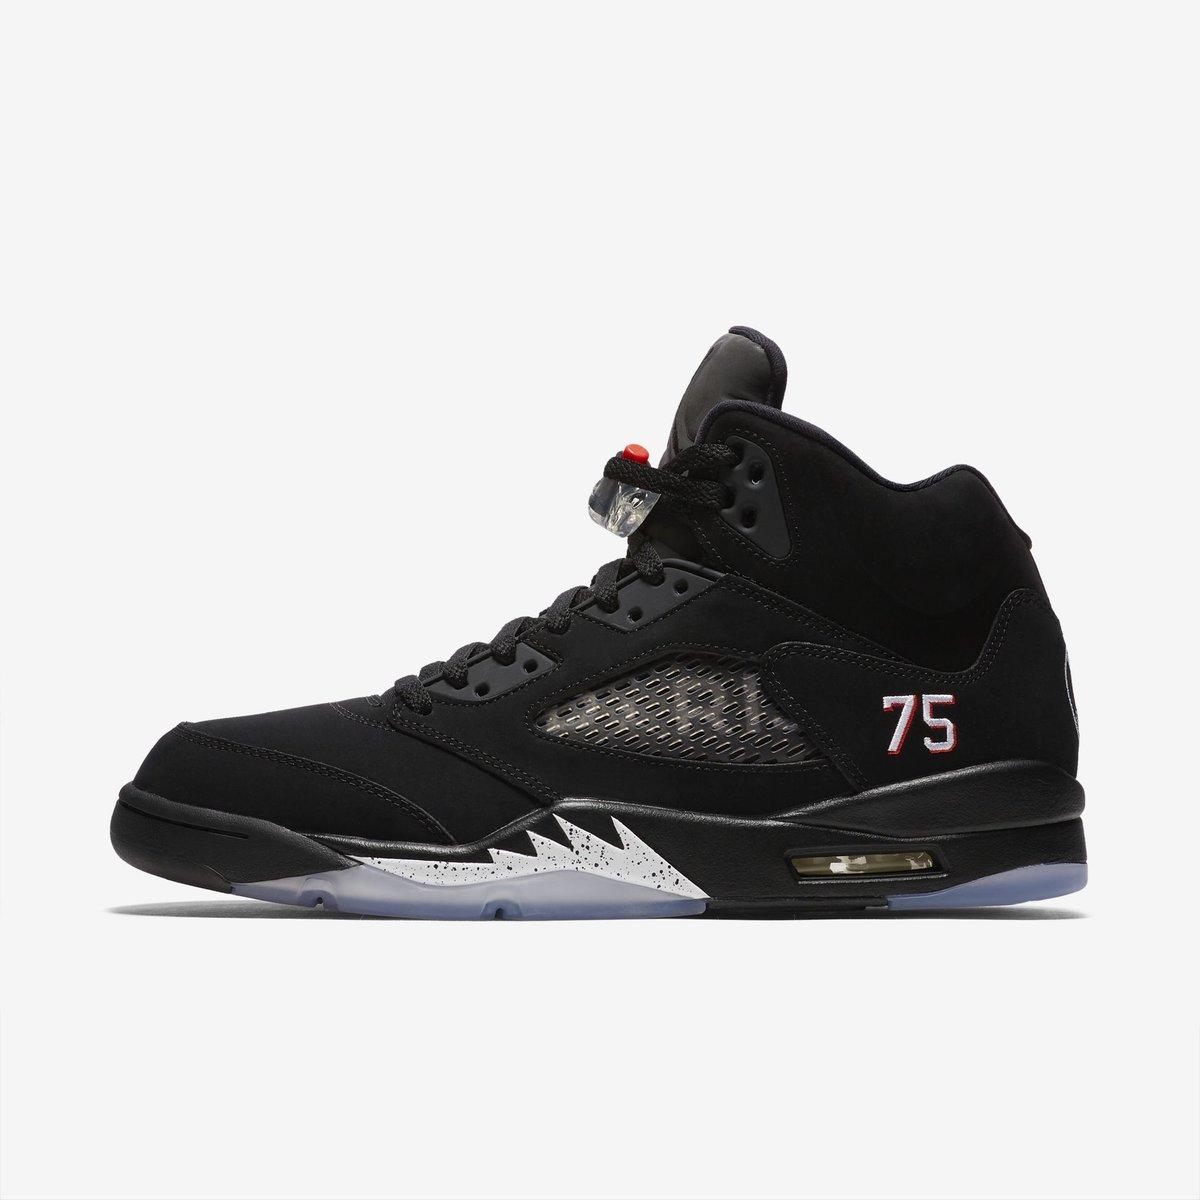 Air Jordan 5 PSG Black